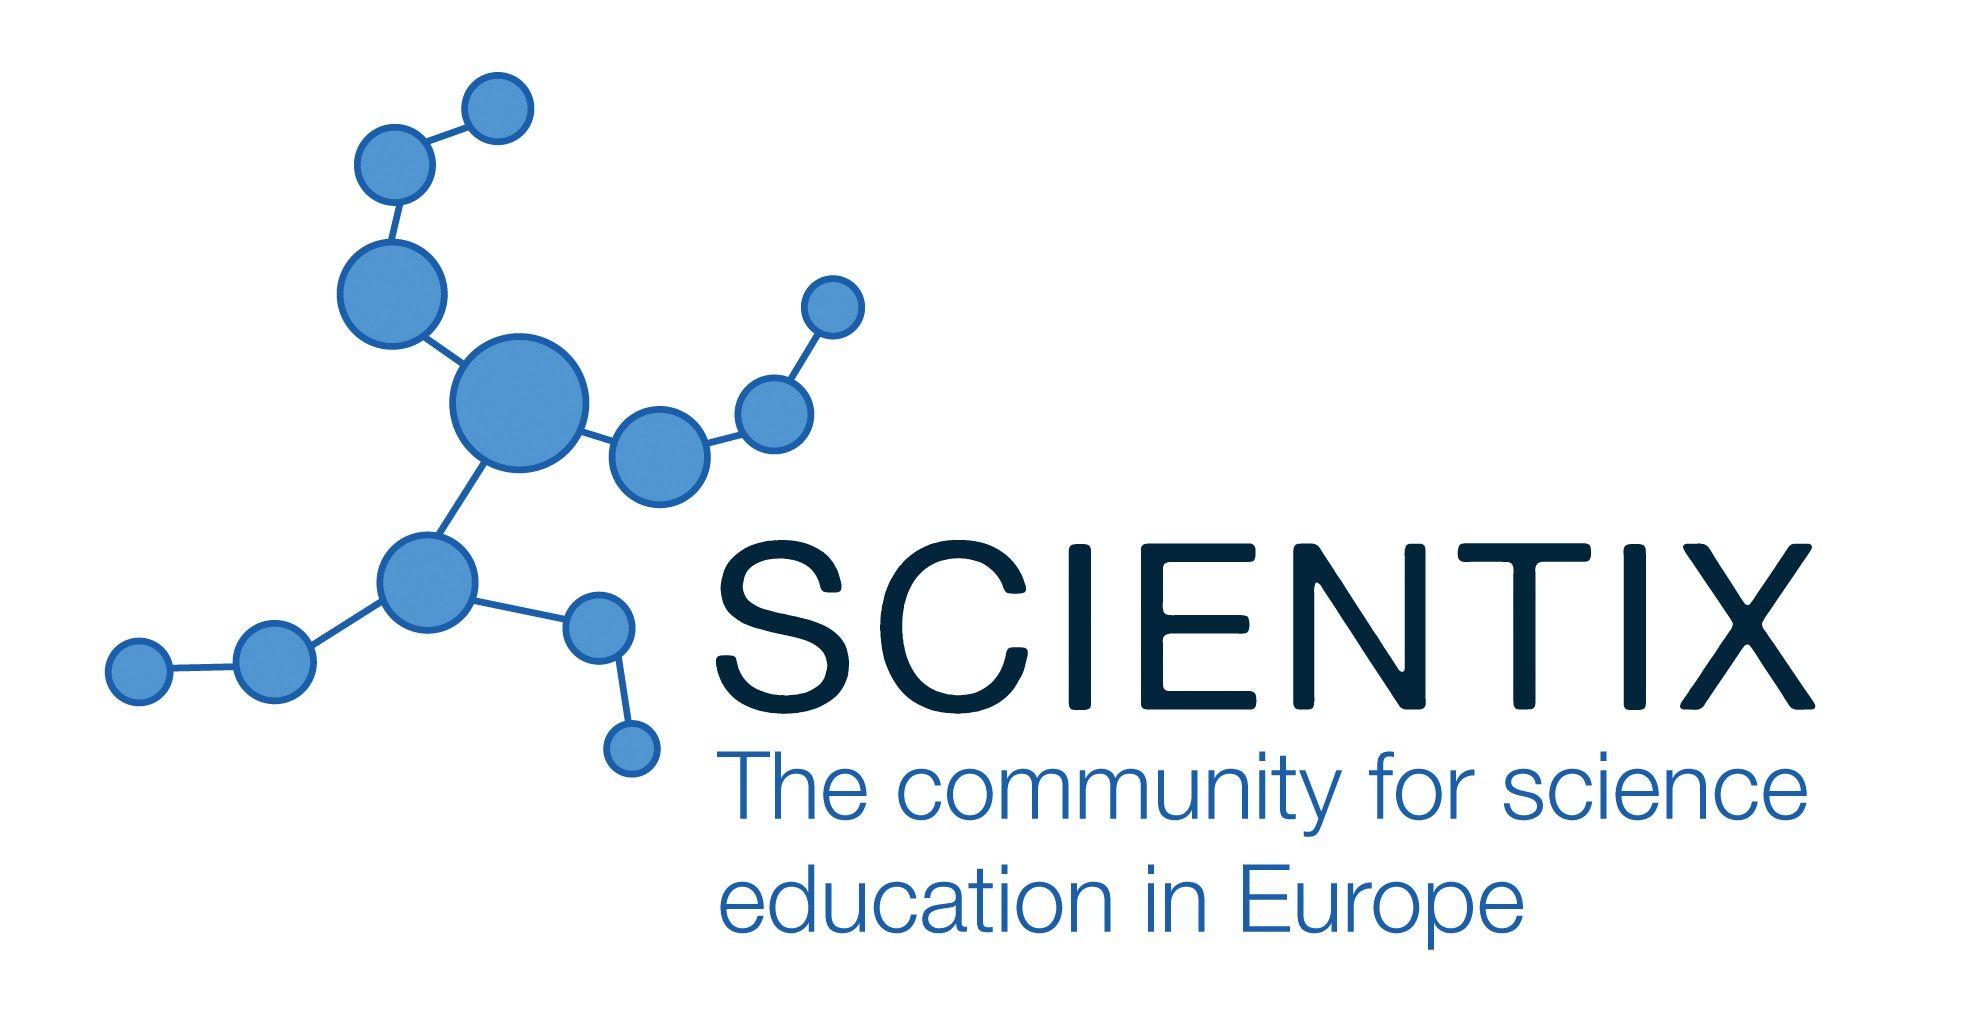 La European Schoolnet Convoca El Curso Opening Minds To Stem Careers Dentro Del Proyec Desarrollo Profesional Docente Clases De Ciencias Educacion Cientifica [ 1033 x 1968 Pixel ]